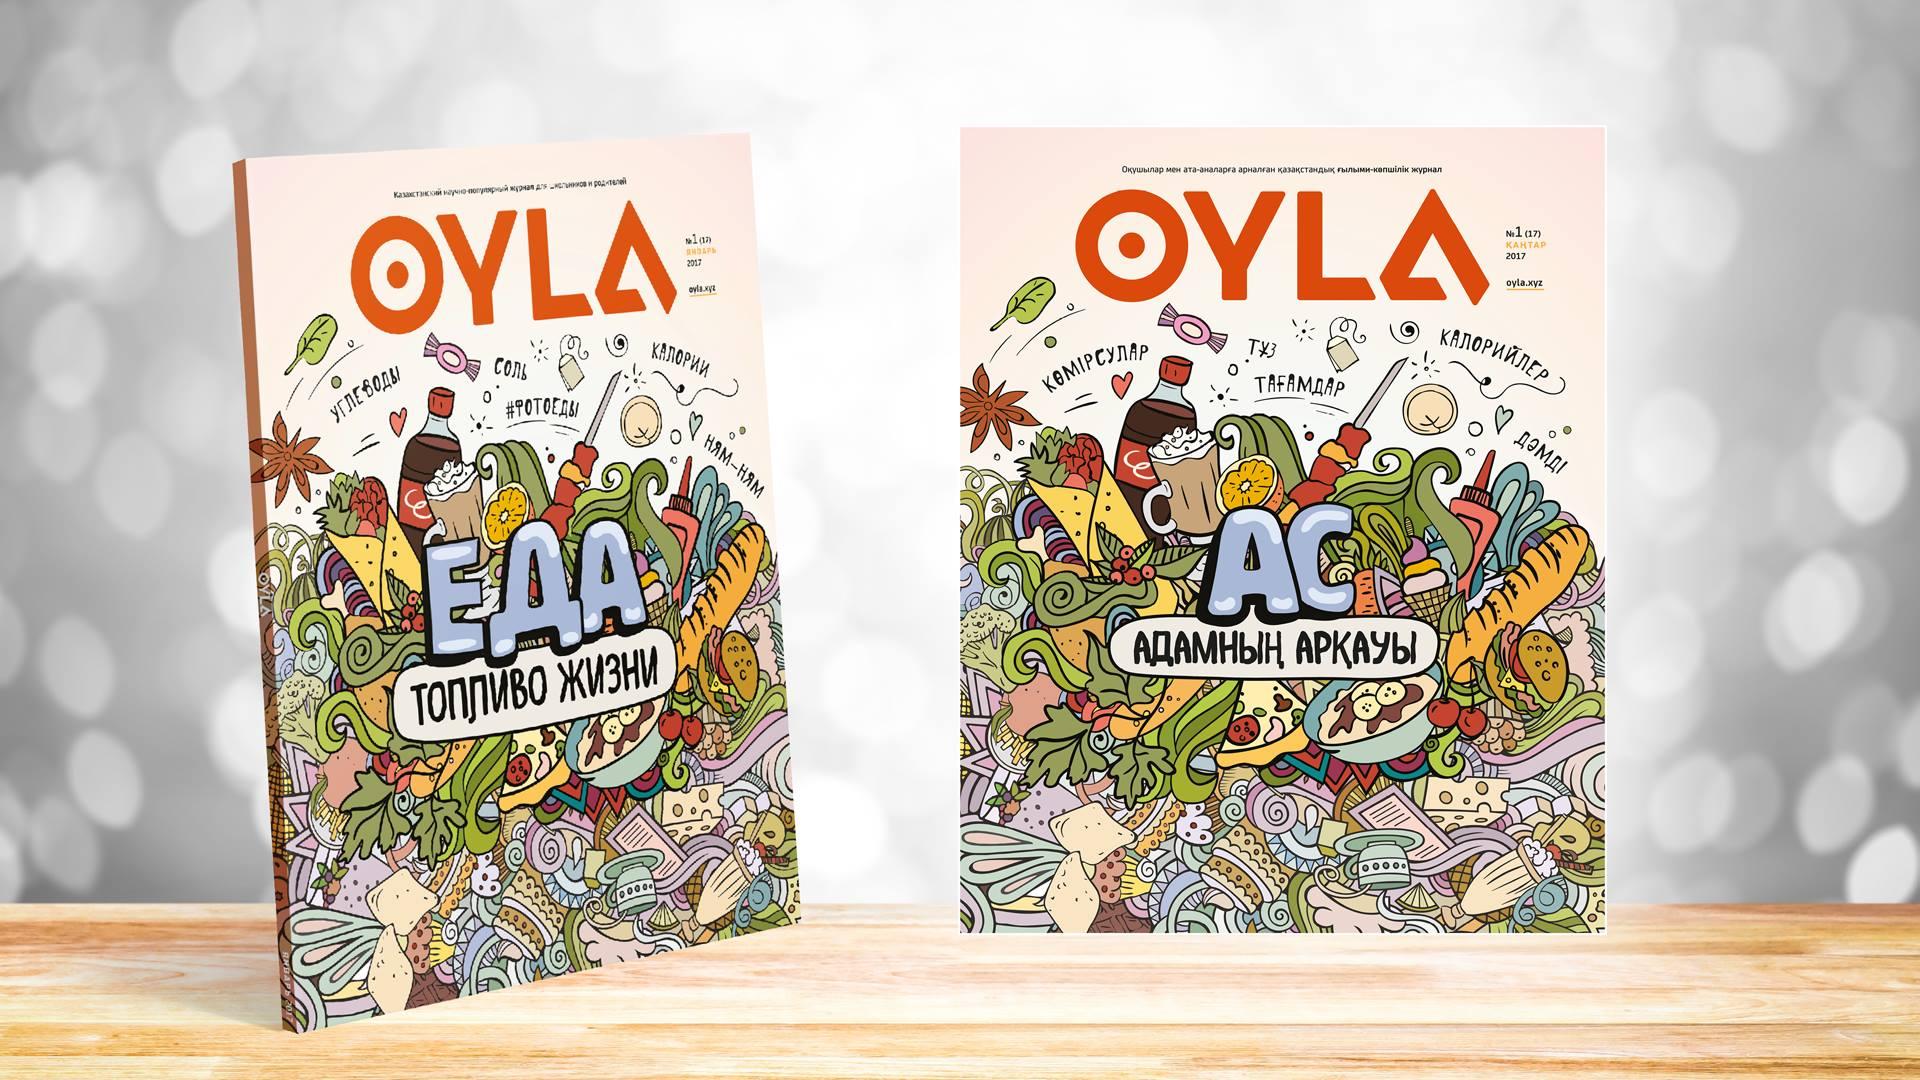 oyla-sheisnomad